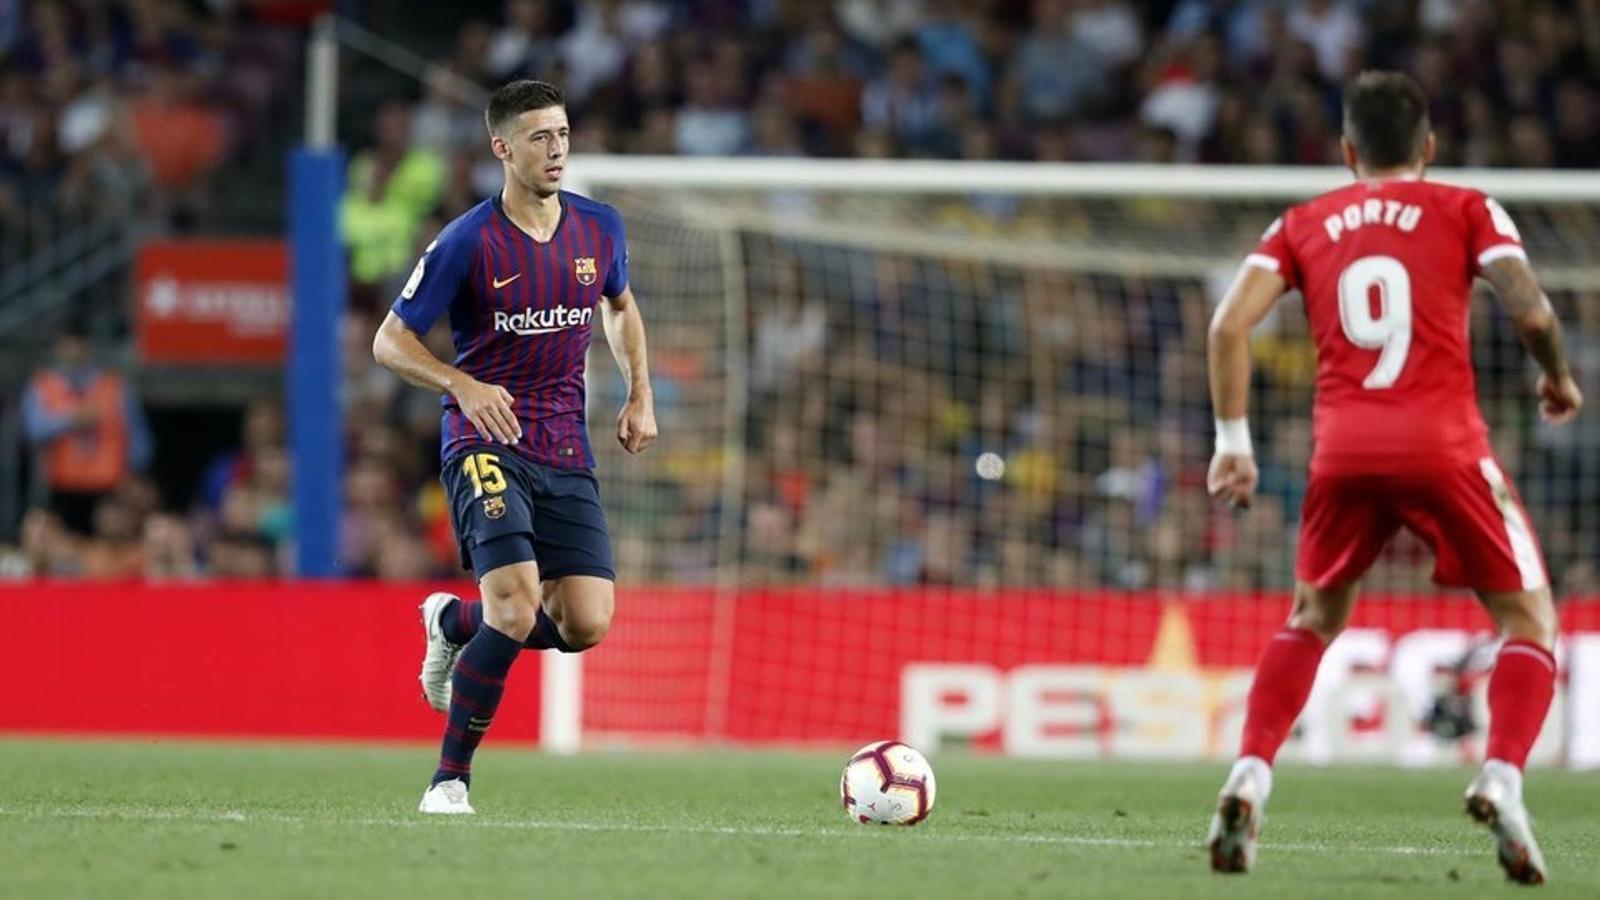 El Barça presentarà al·legacions per l'expulsió de Lenglet